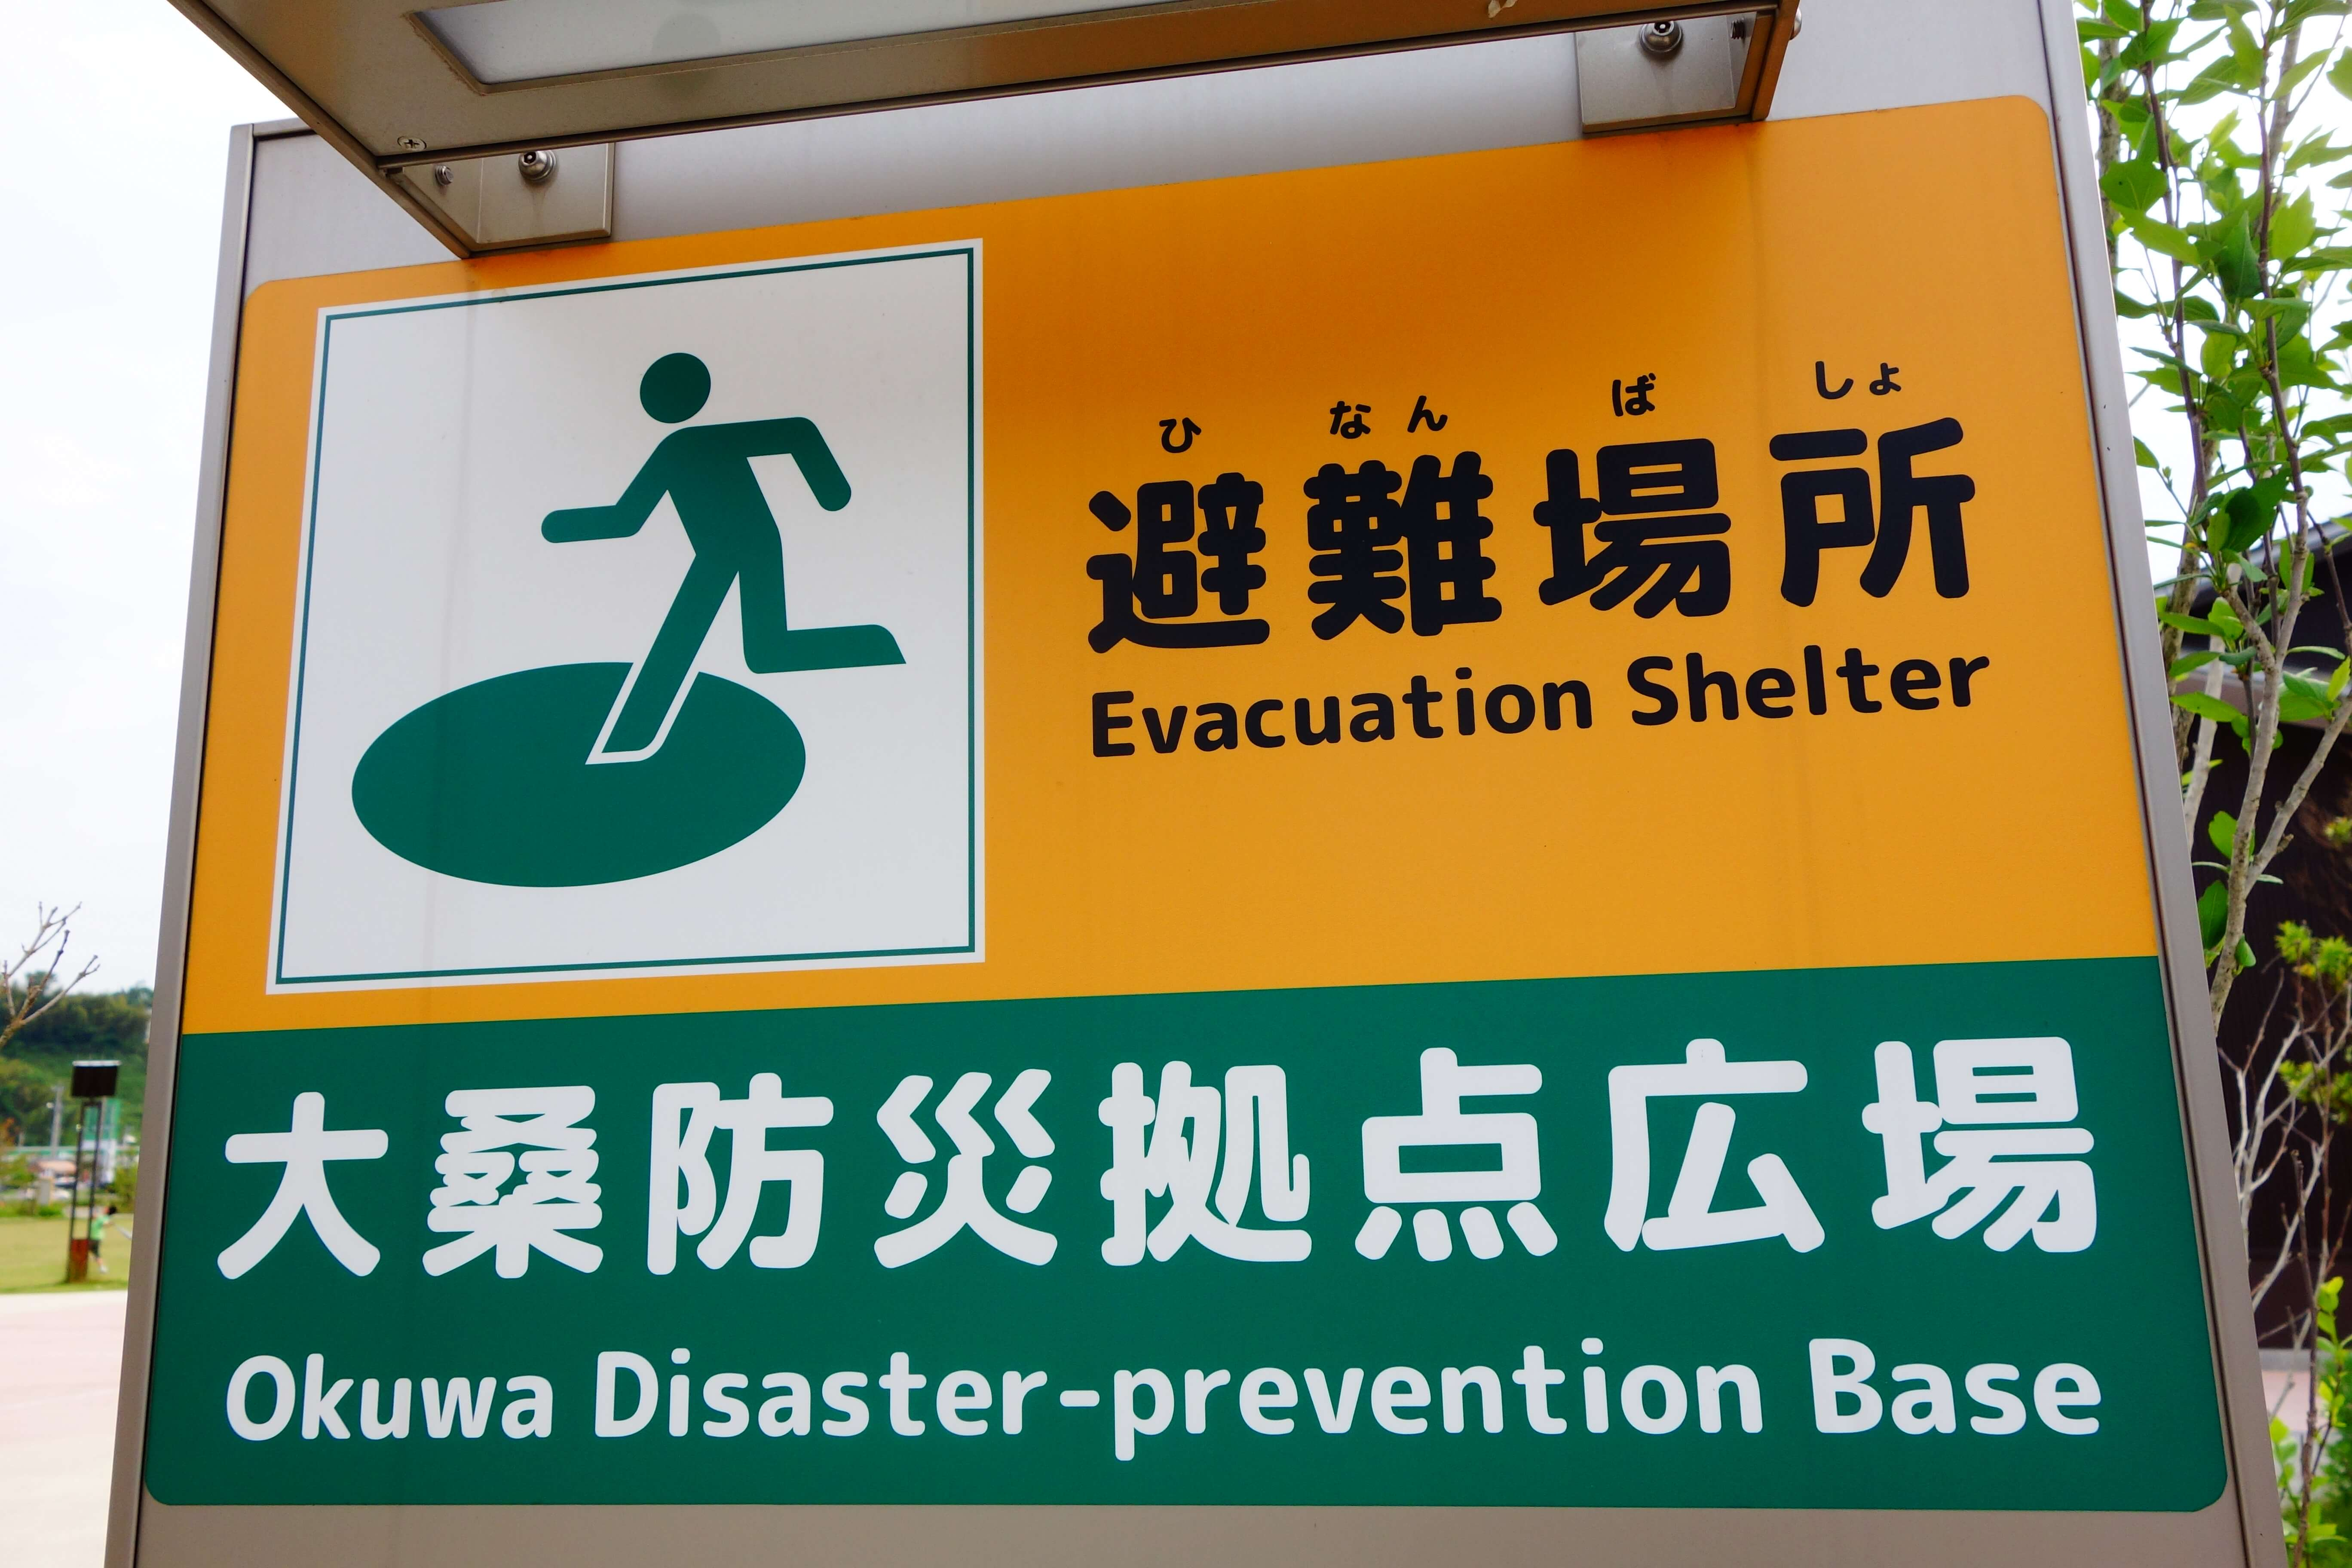 大桑防災拠点広場|金沢市の大桑で防災意識を遊びながら学べる隠れた公園